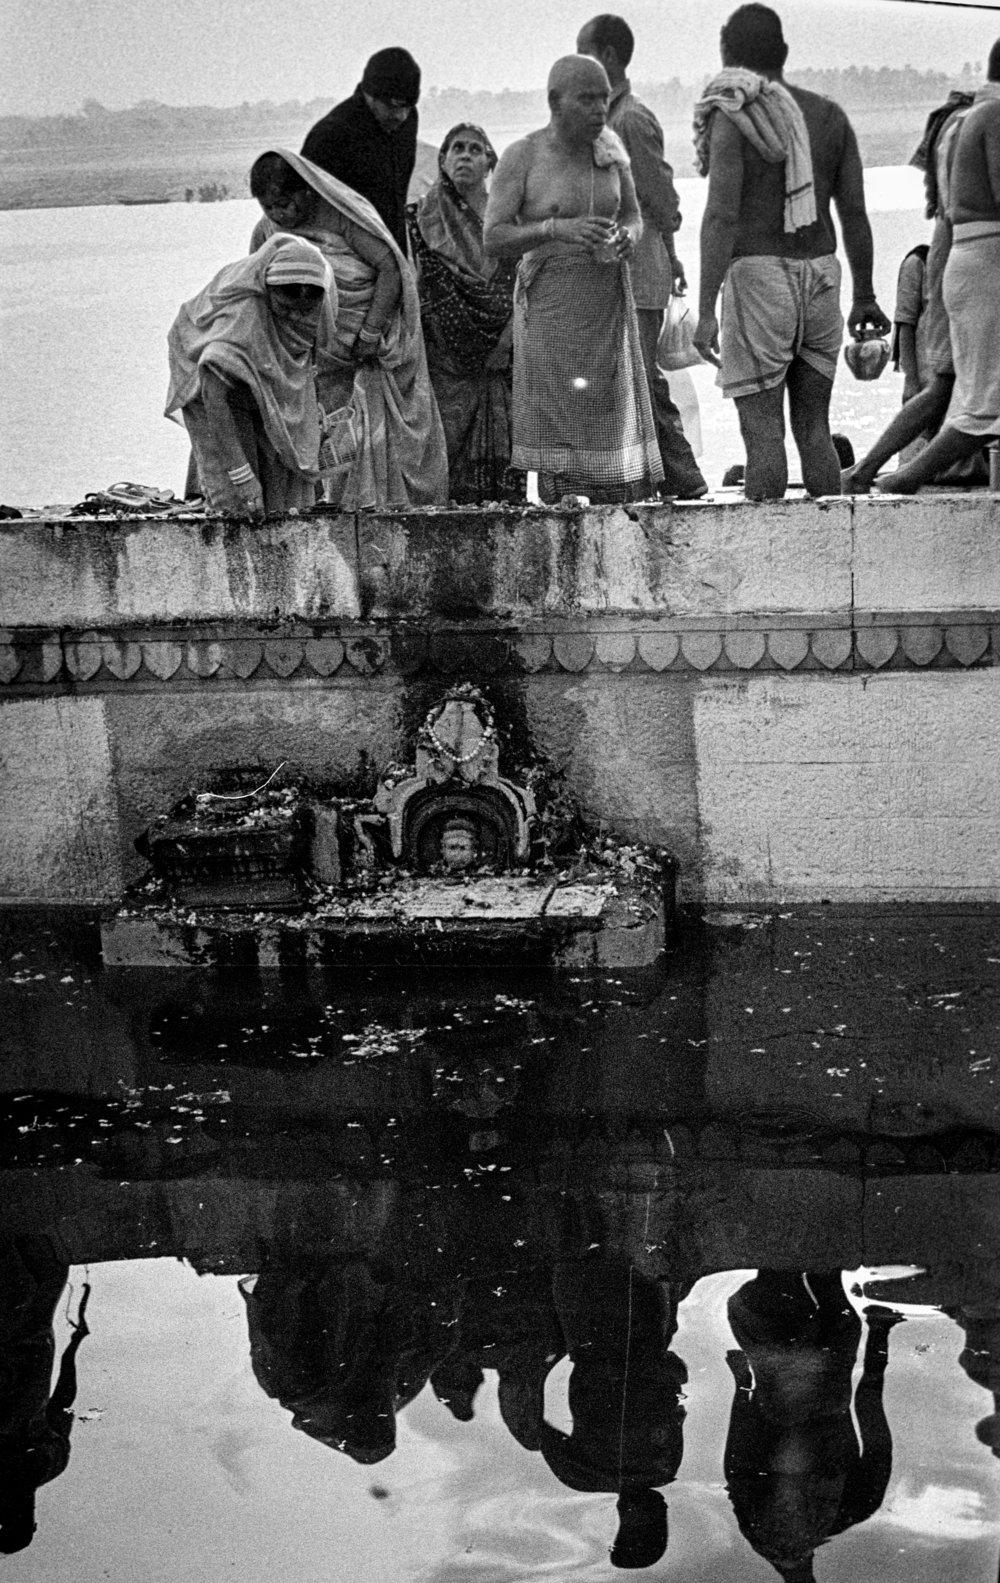 V44  Varanasi-35mm film